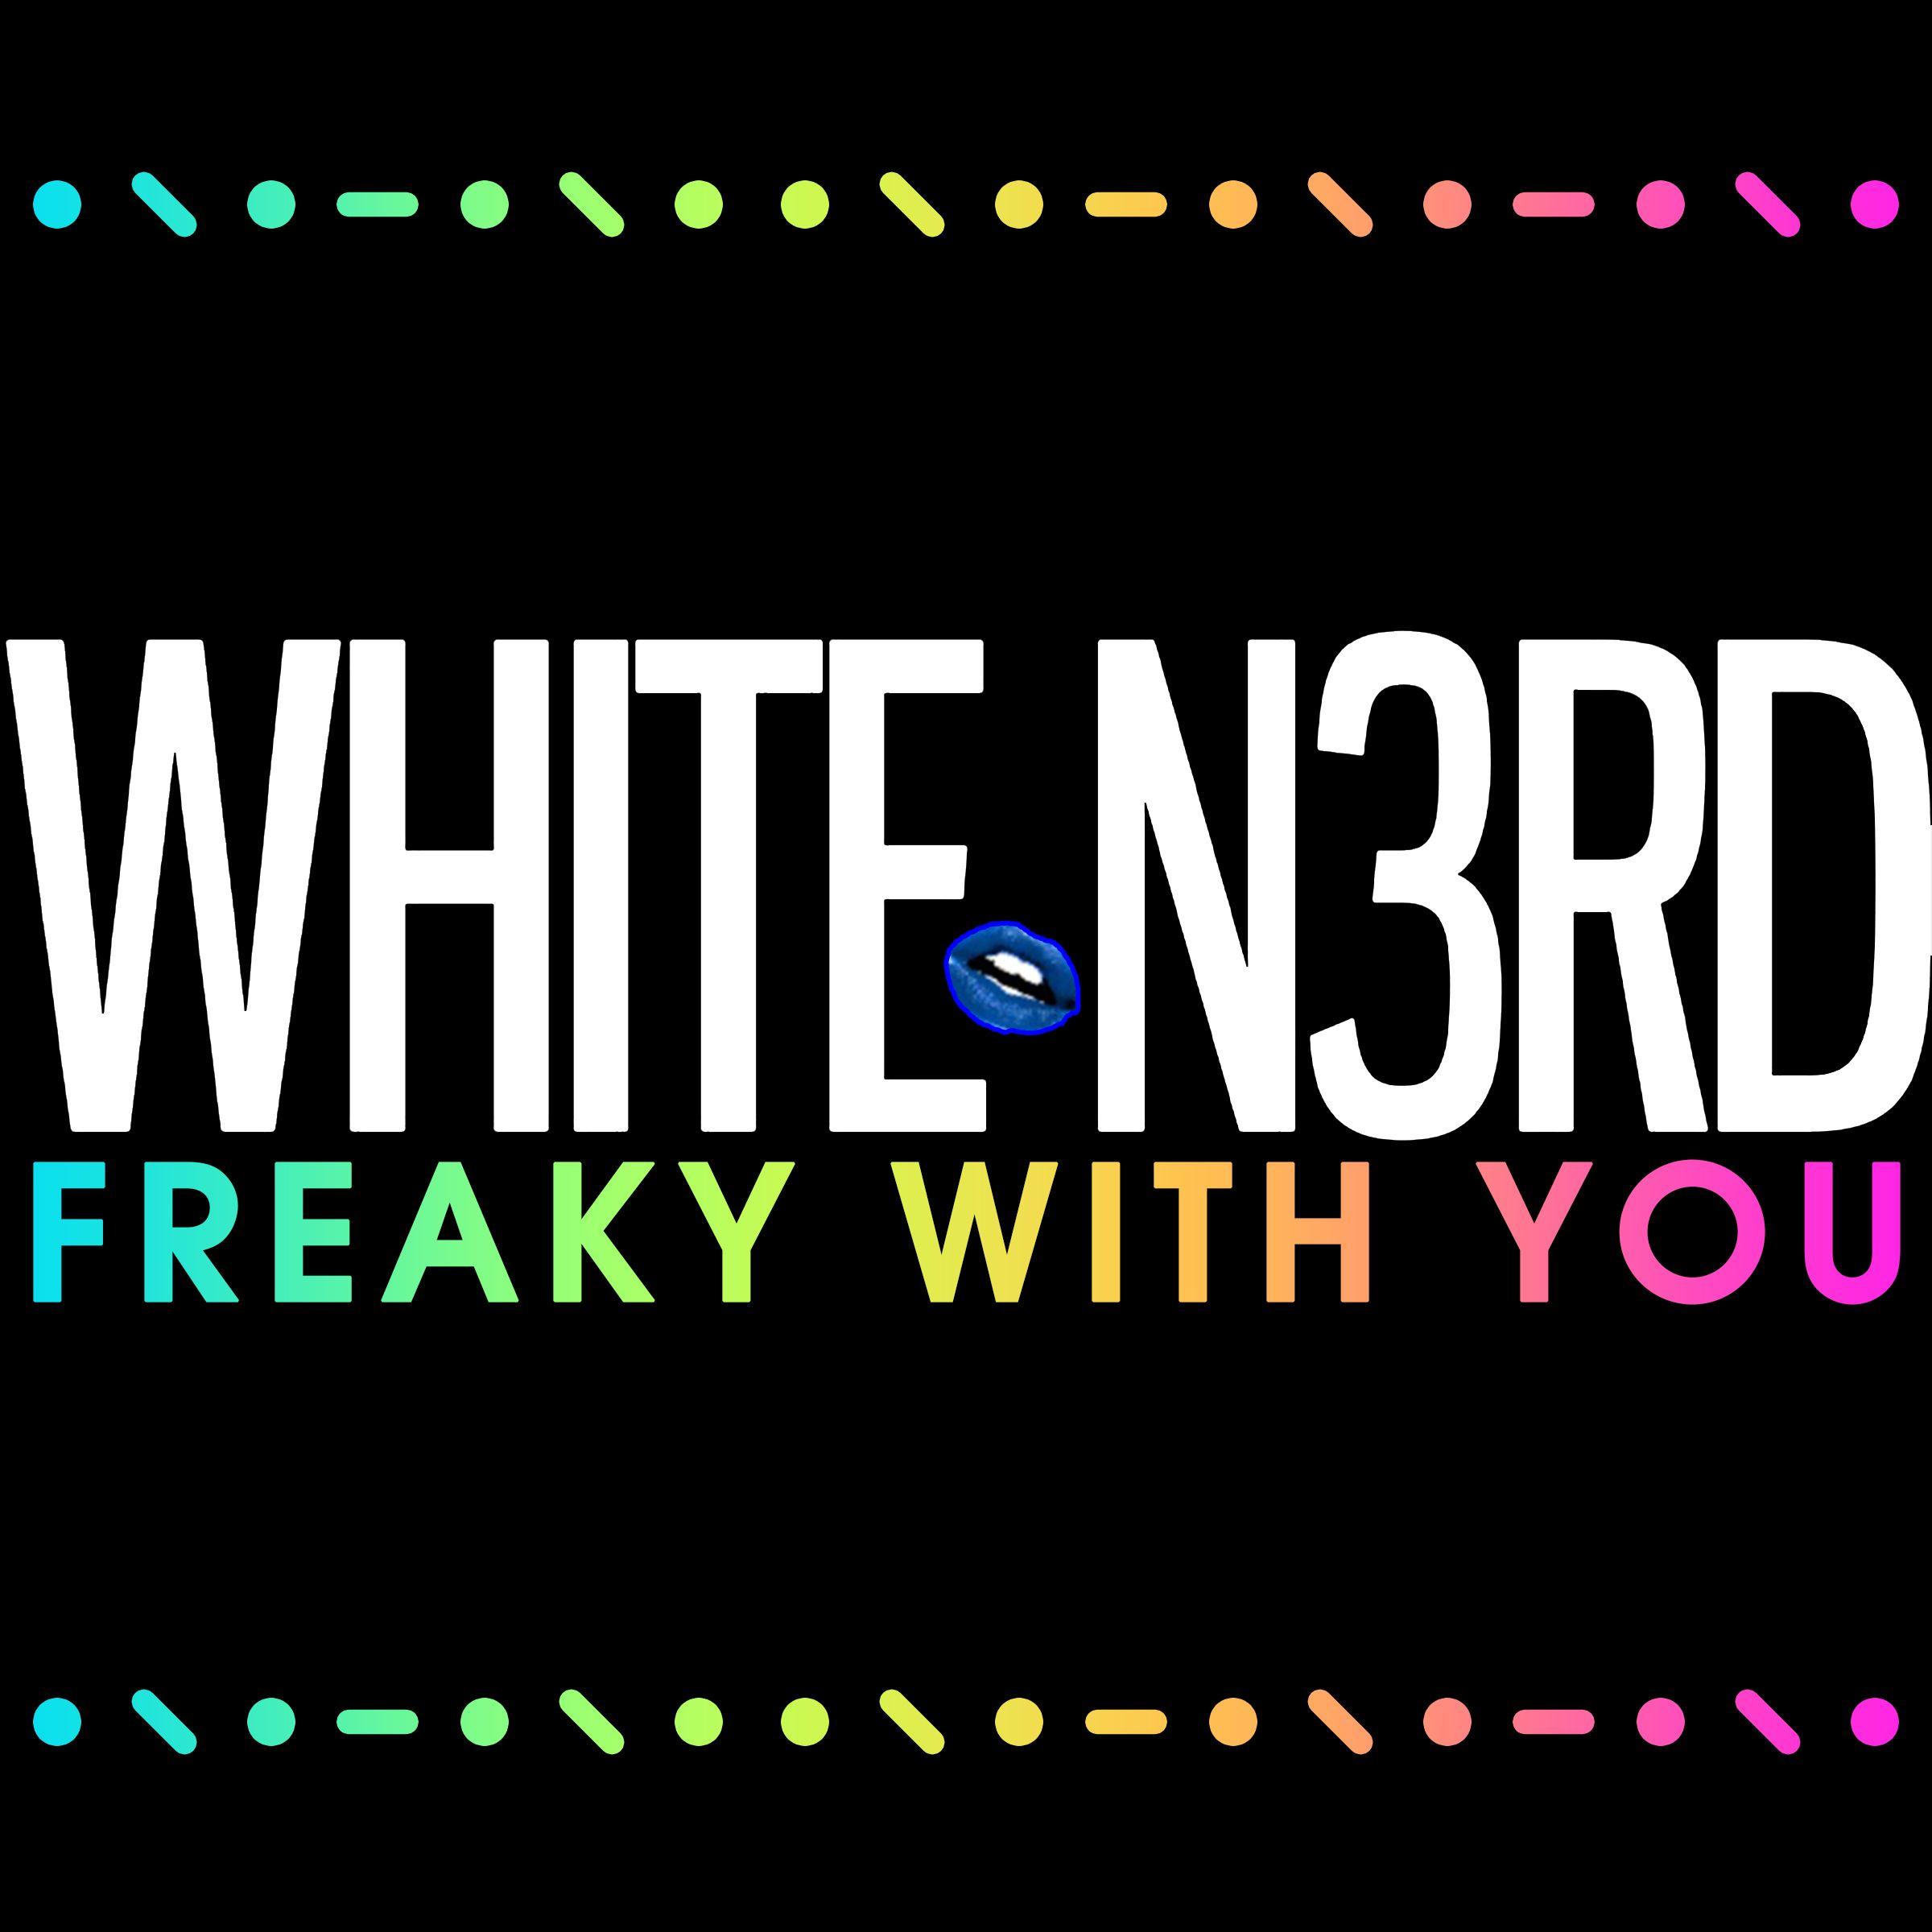 whiten3rd_freakywithyou_2400x2400.web_.jpeg